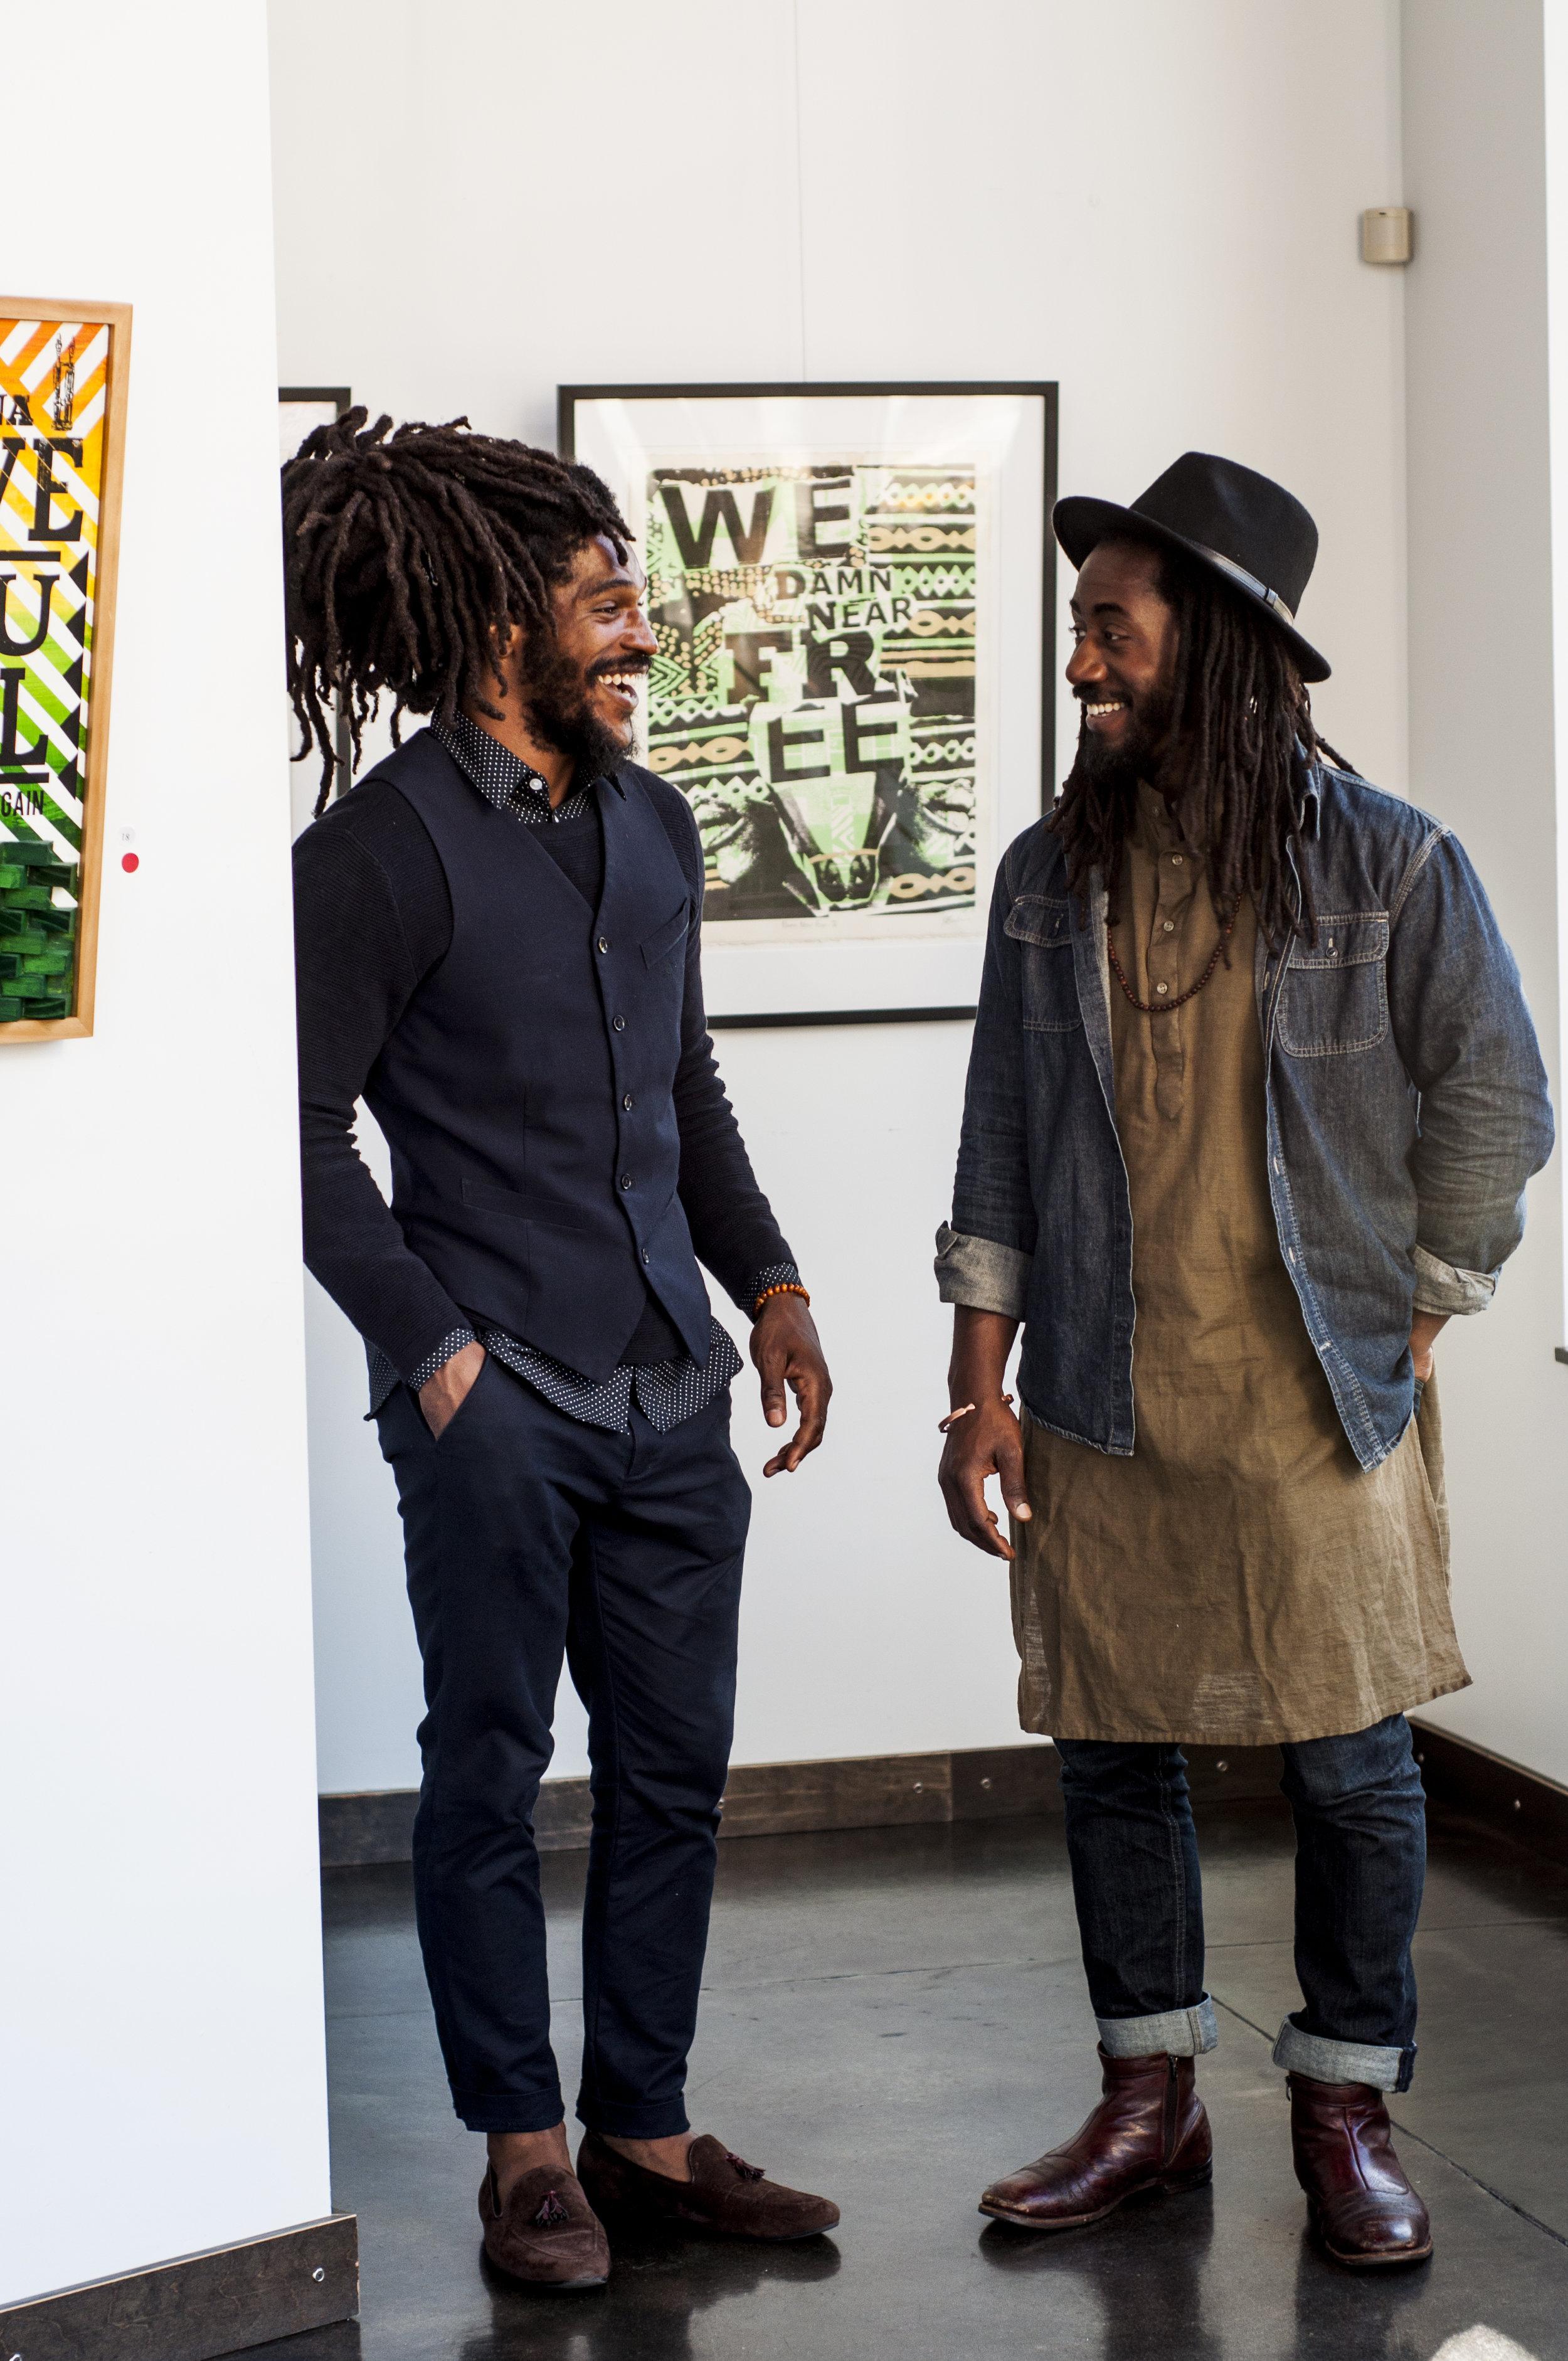 BLACK MEN SMILE (11 of 16).jpg